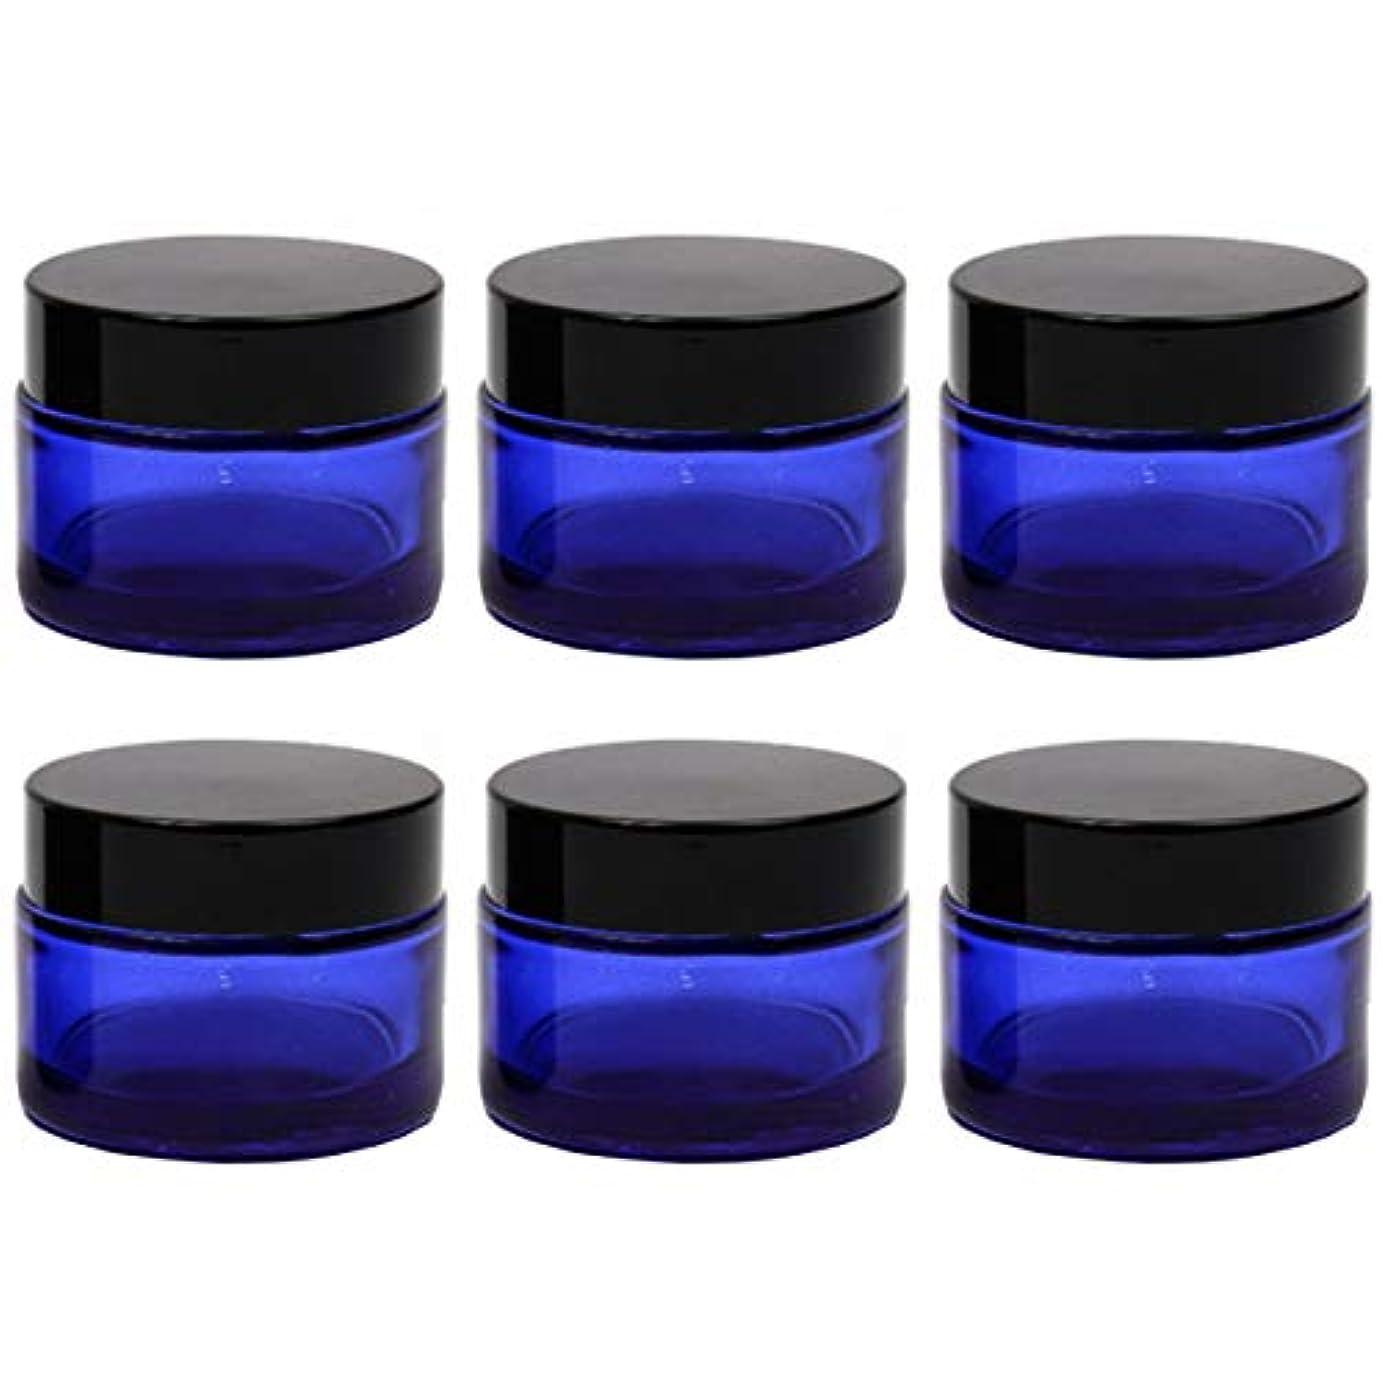 ロータリー鈍い注意クリーム容器 遮光ジャー 6個セット アロマクリーム ハンドクリーム 遮光瓶 ガラス 瓶 アロマ ボトル ビン 保存 詰替え 青色 ブルー (50g?6個)